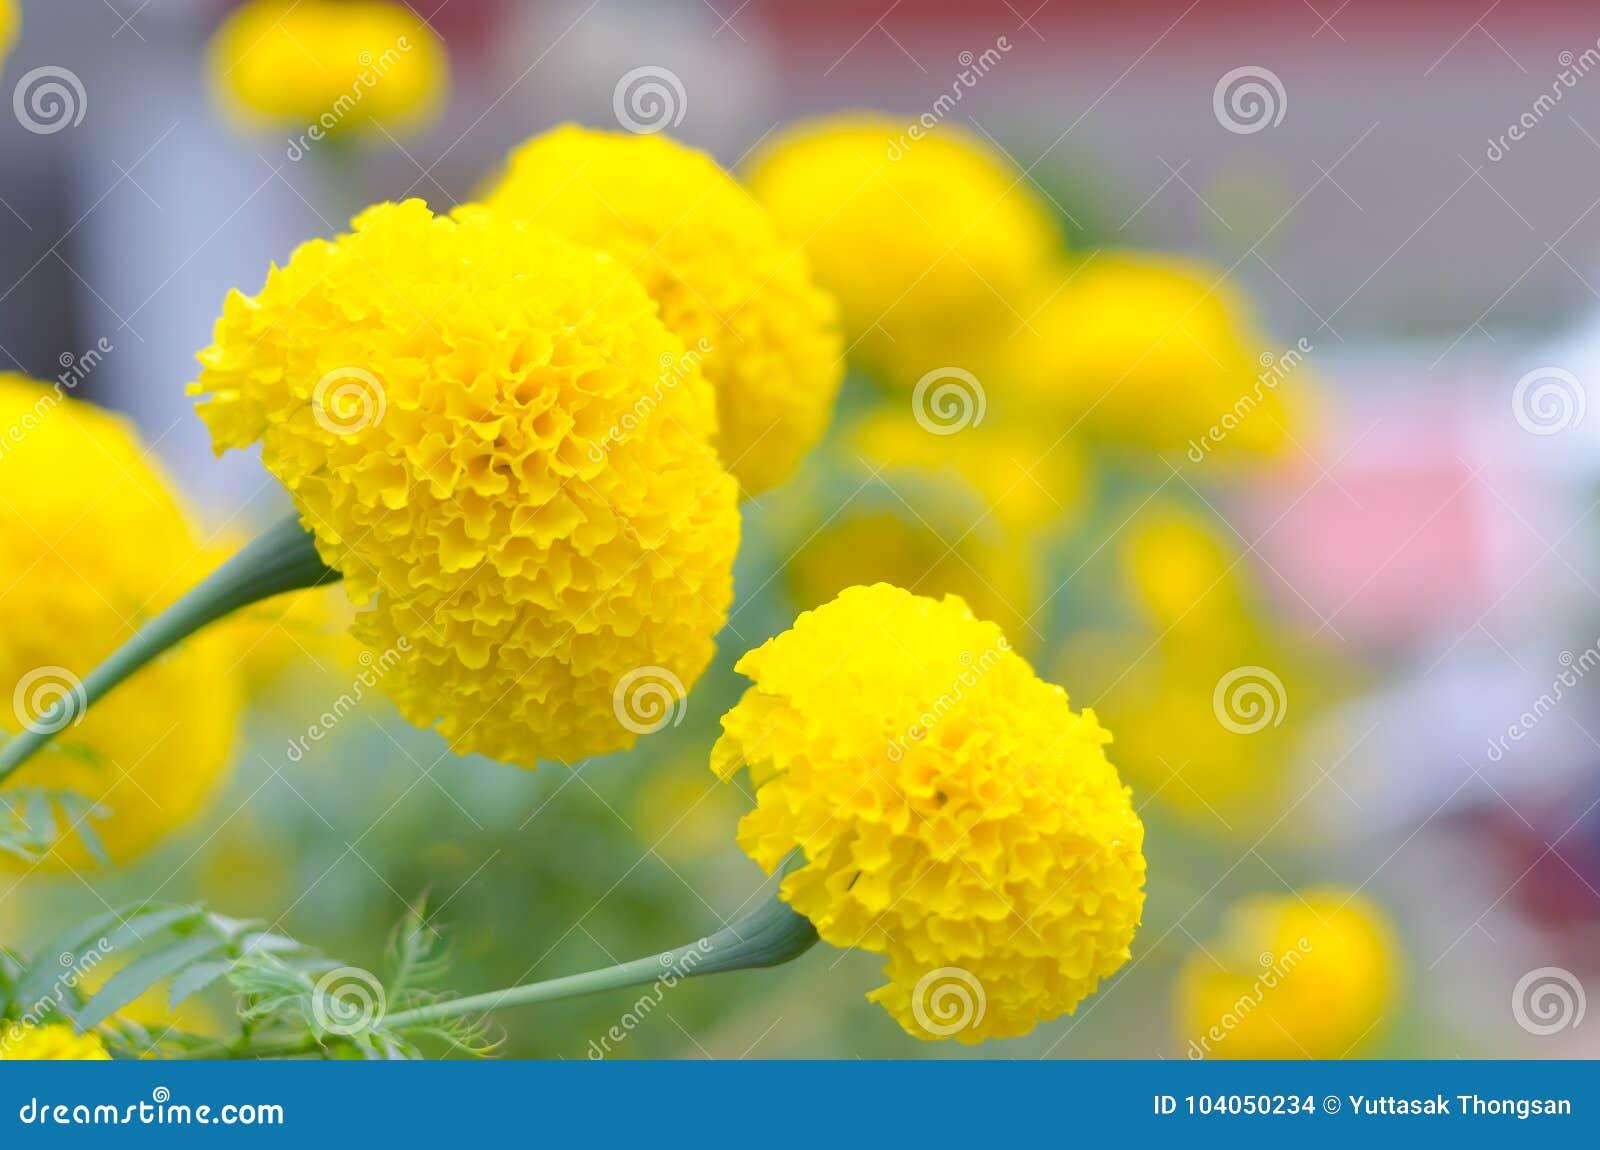 Ringelblume eine Anlage im Garten am Sommer unter Sonnenlicht, gewöhnlich mit yellowl, Naturhintergrund, abstrakte Hintergründe,